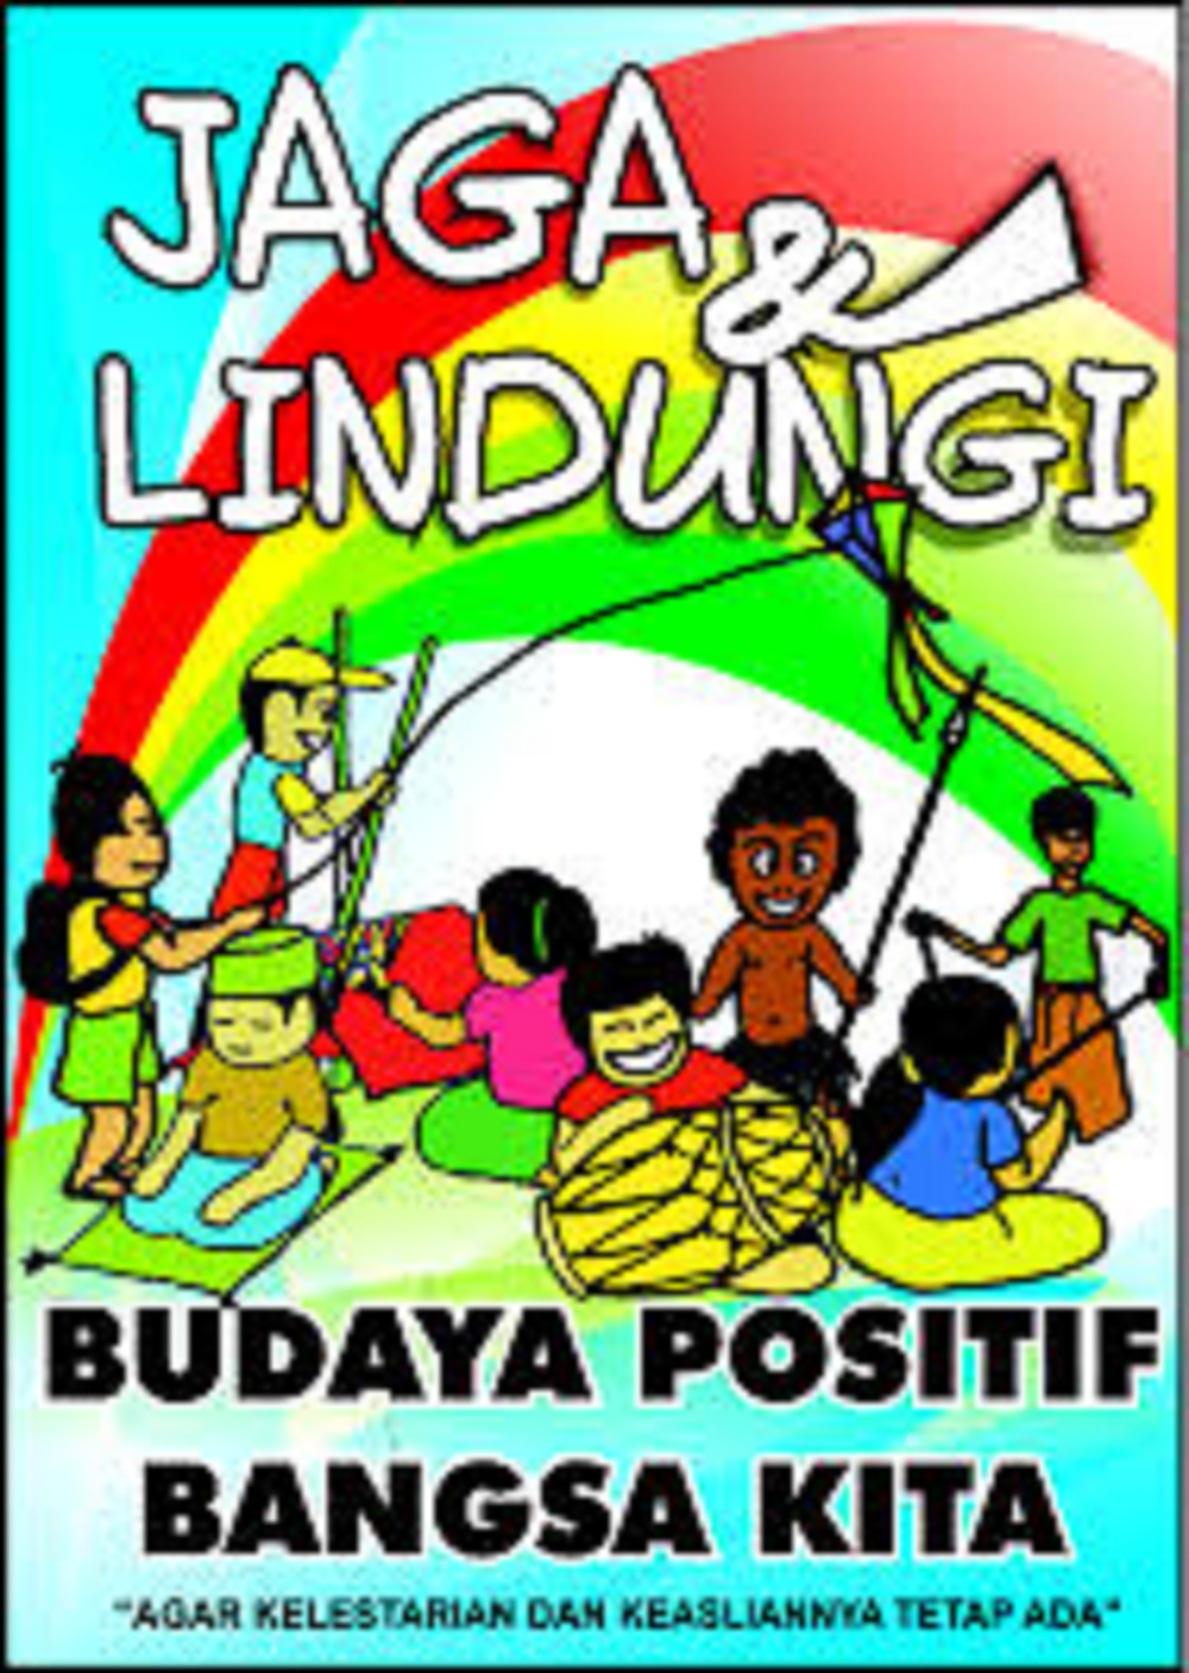 11+ Poster tema mencintai keberagaman sosial budaya indonesia sebagai kekayaan bangsa info